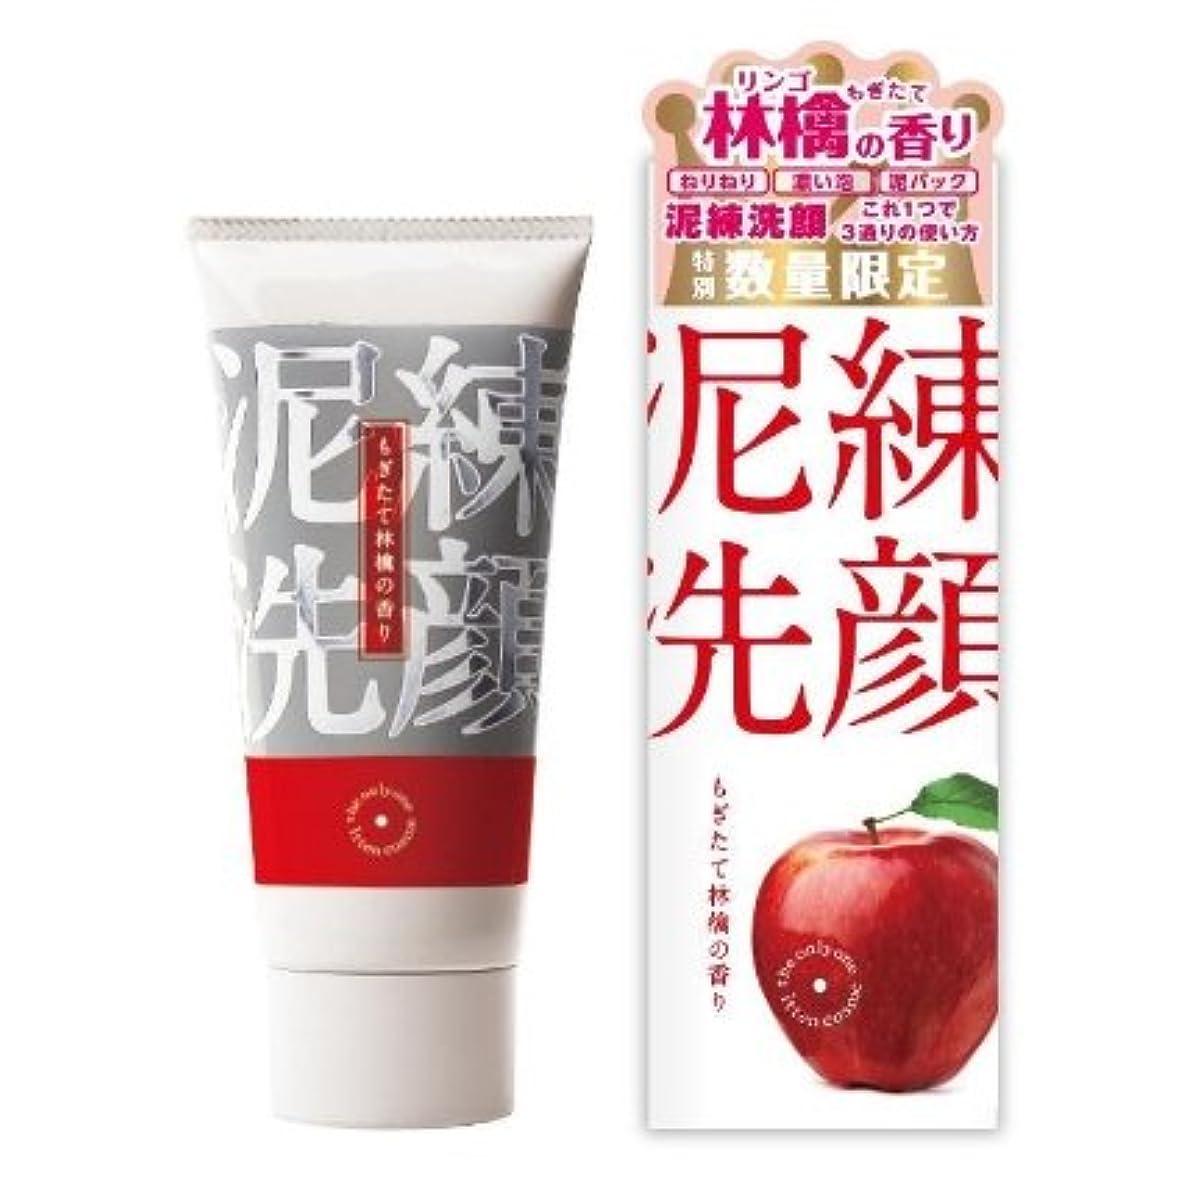 記念津波司法泥練洗顔 もぎたて林檎の香り 数量限定品 120g